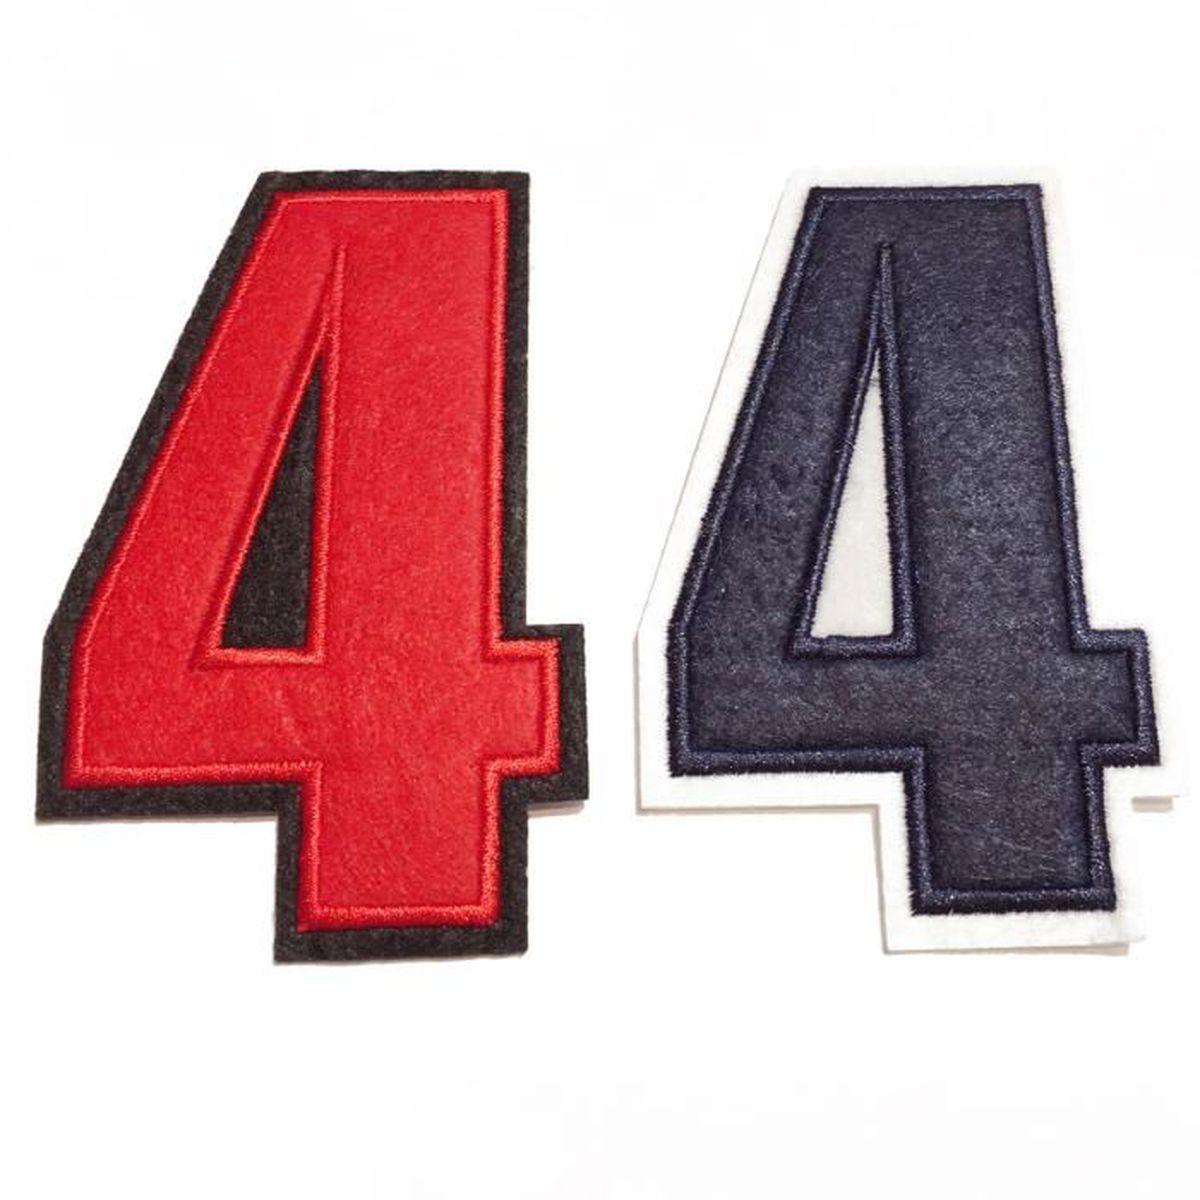 ecusson brodé à coudre couleur rouge motif de chiffre au choix – 4